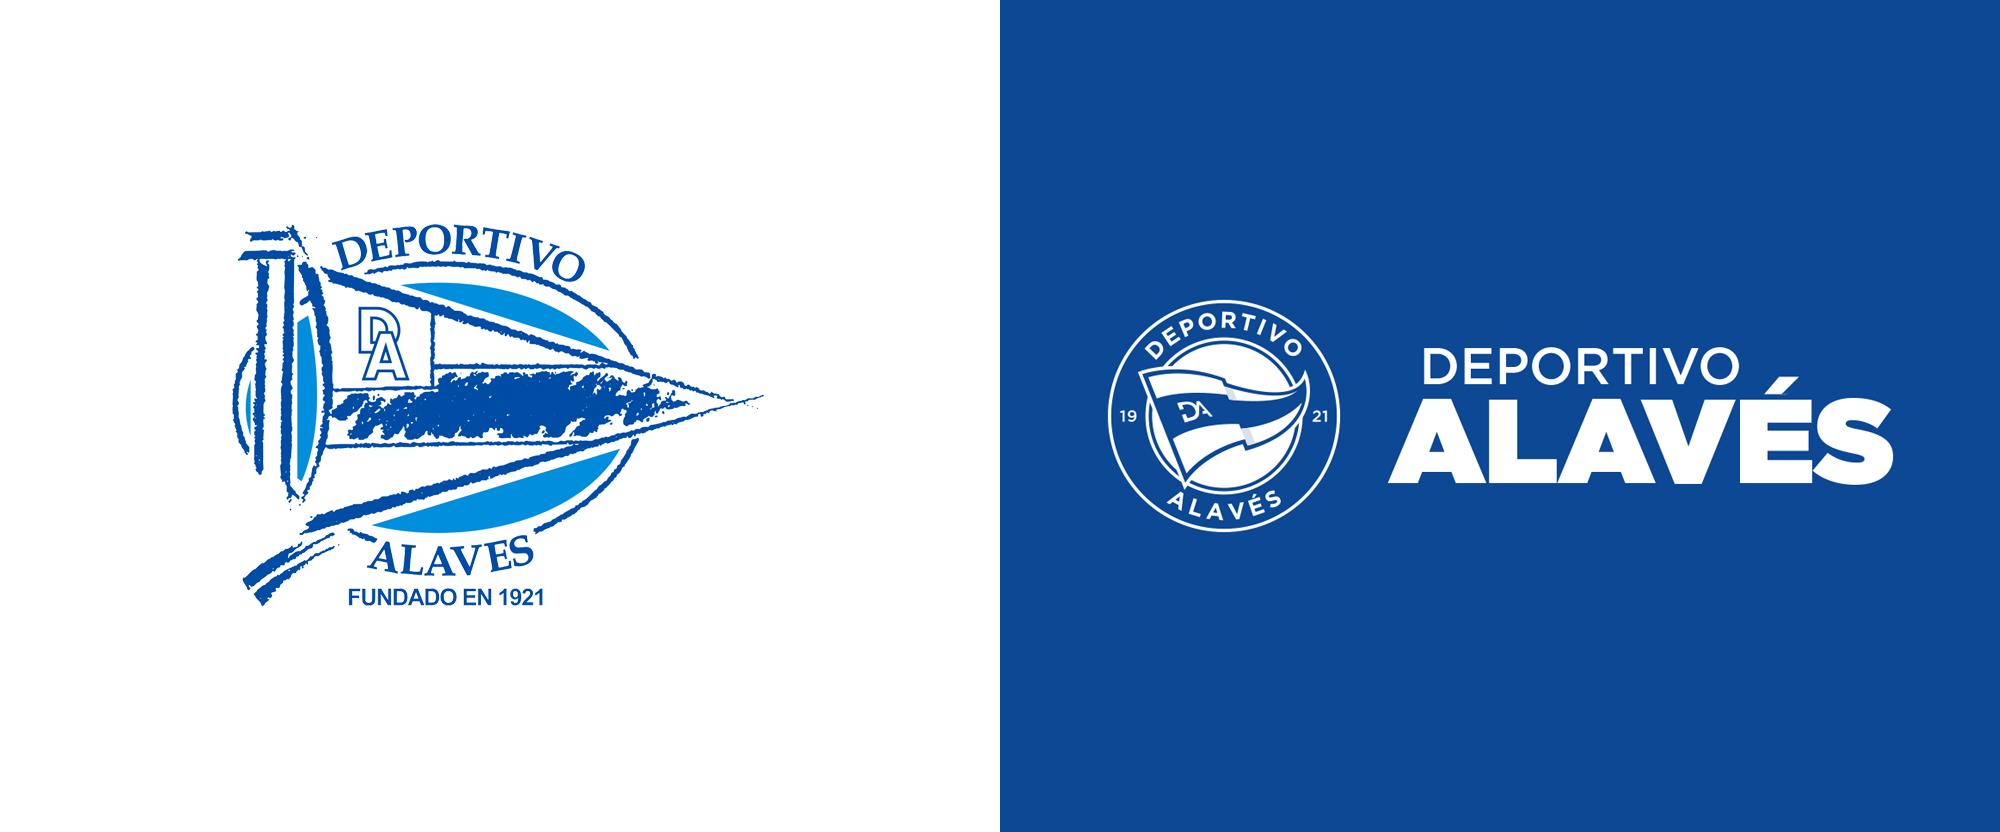 New Logo for Deportivo Alavés